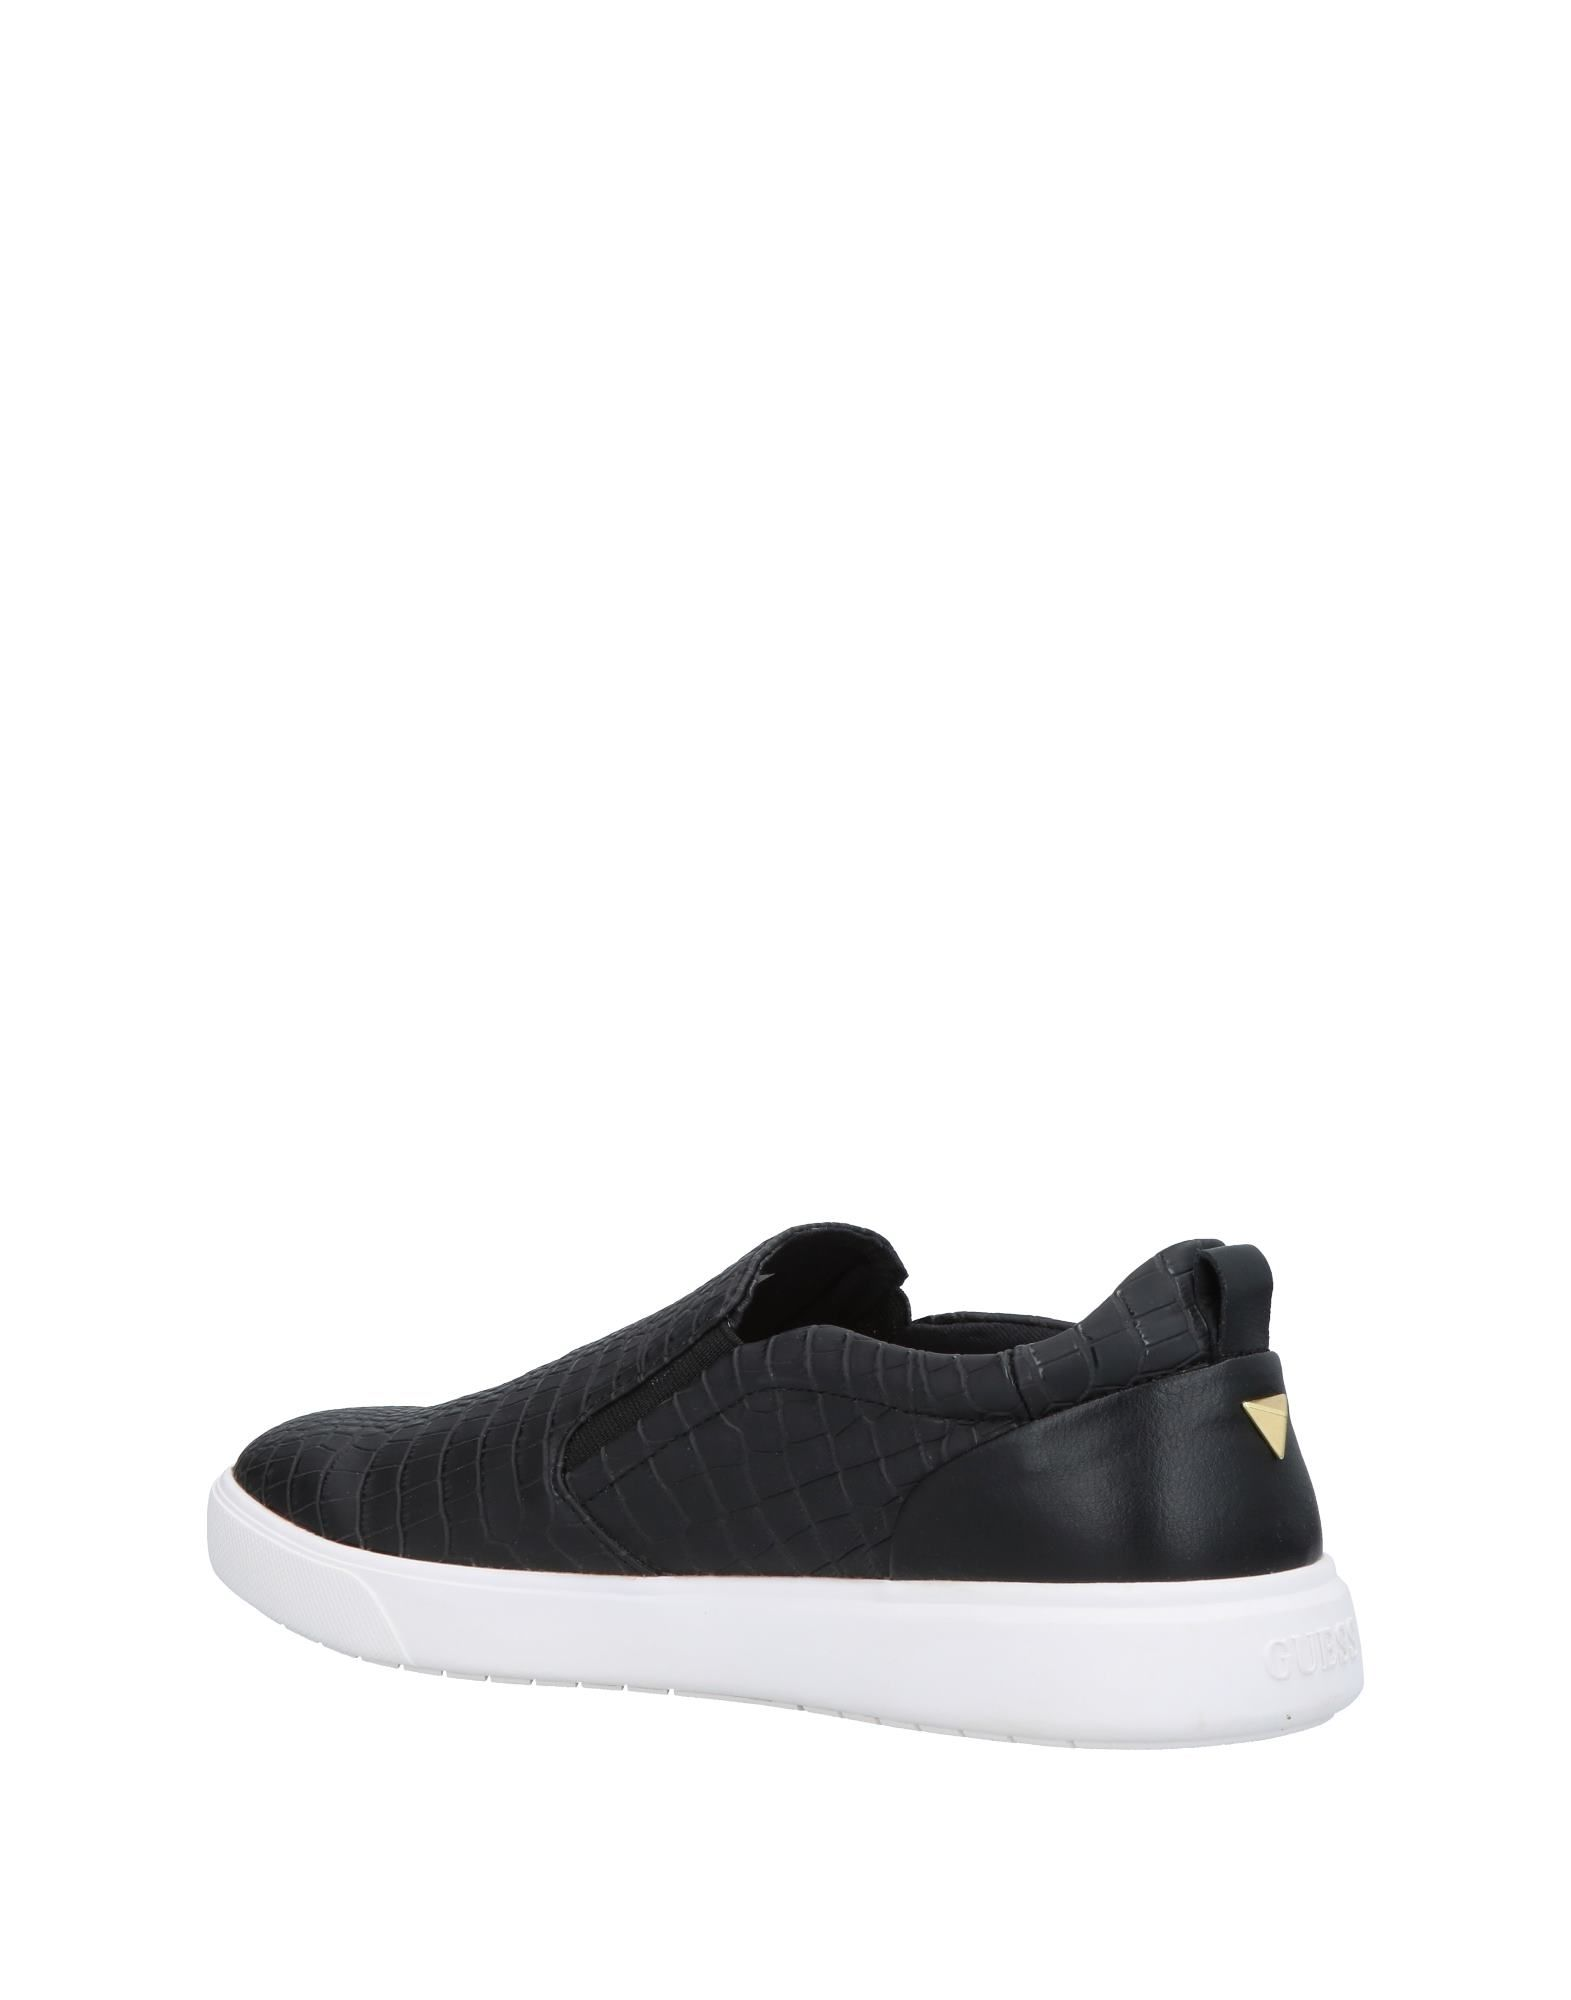 Rabatt echte Guess Schuhe Guess echte Sneakers Herren  11391865JN 9f0a15